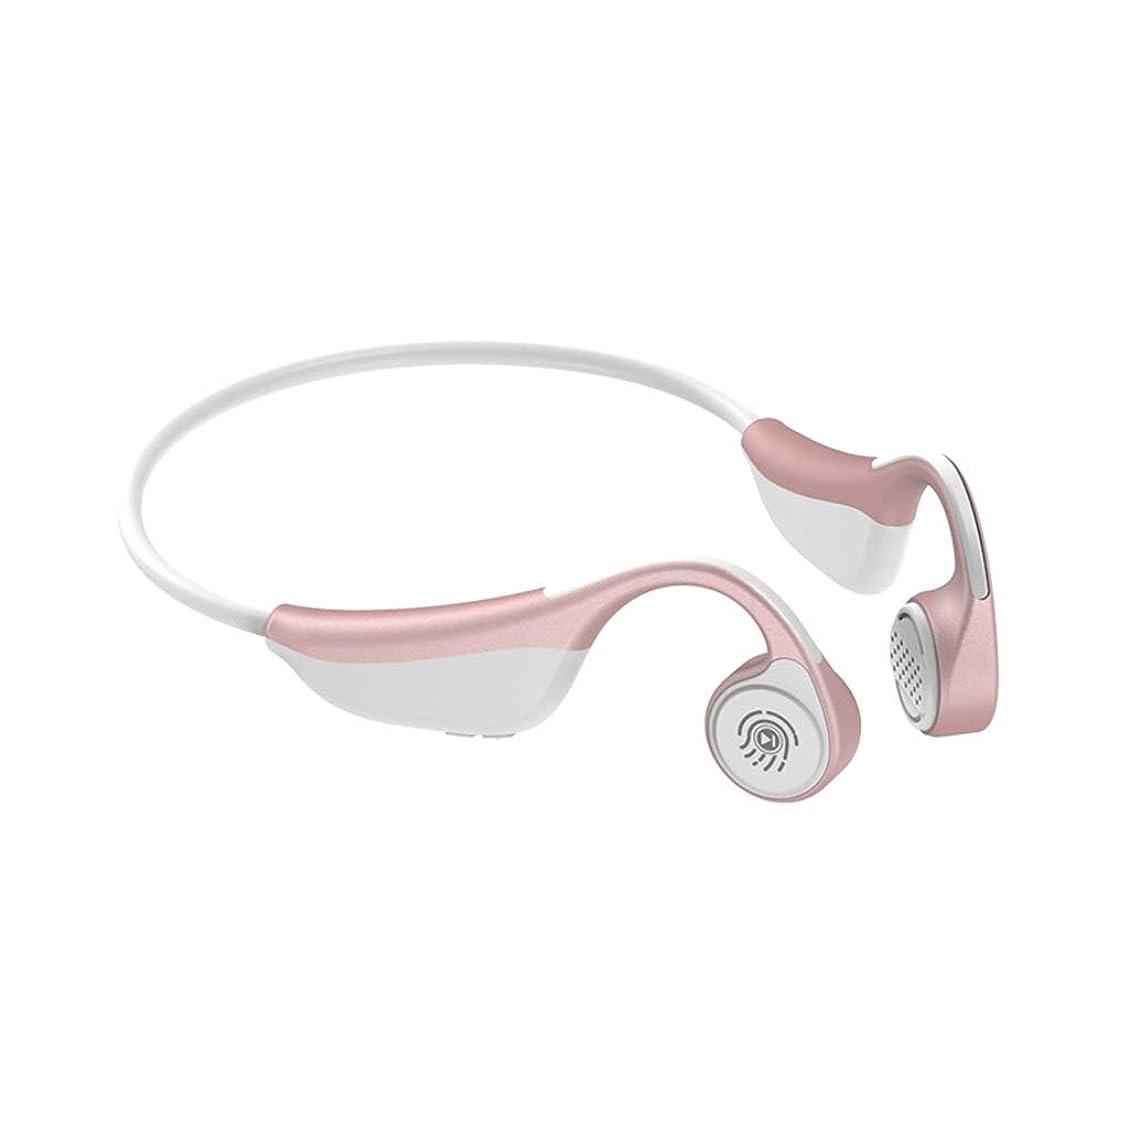 日記規定月曜YANGBM ワイヤレスBluetoothヘッドセット、タッチ骨伝導Bluetoothヘッドセット、ディープベースステレオワイヤレスヘッドセット (Color : Pink)